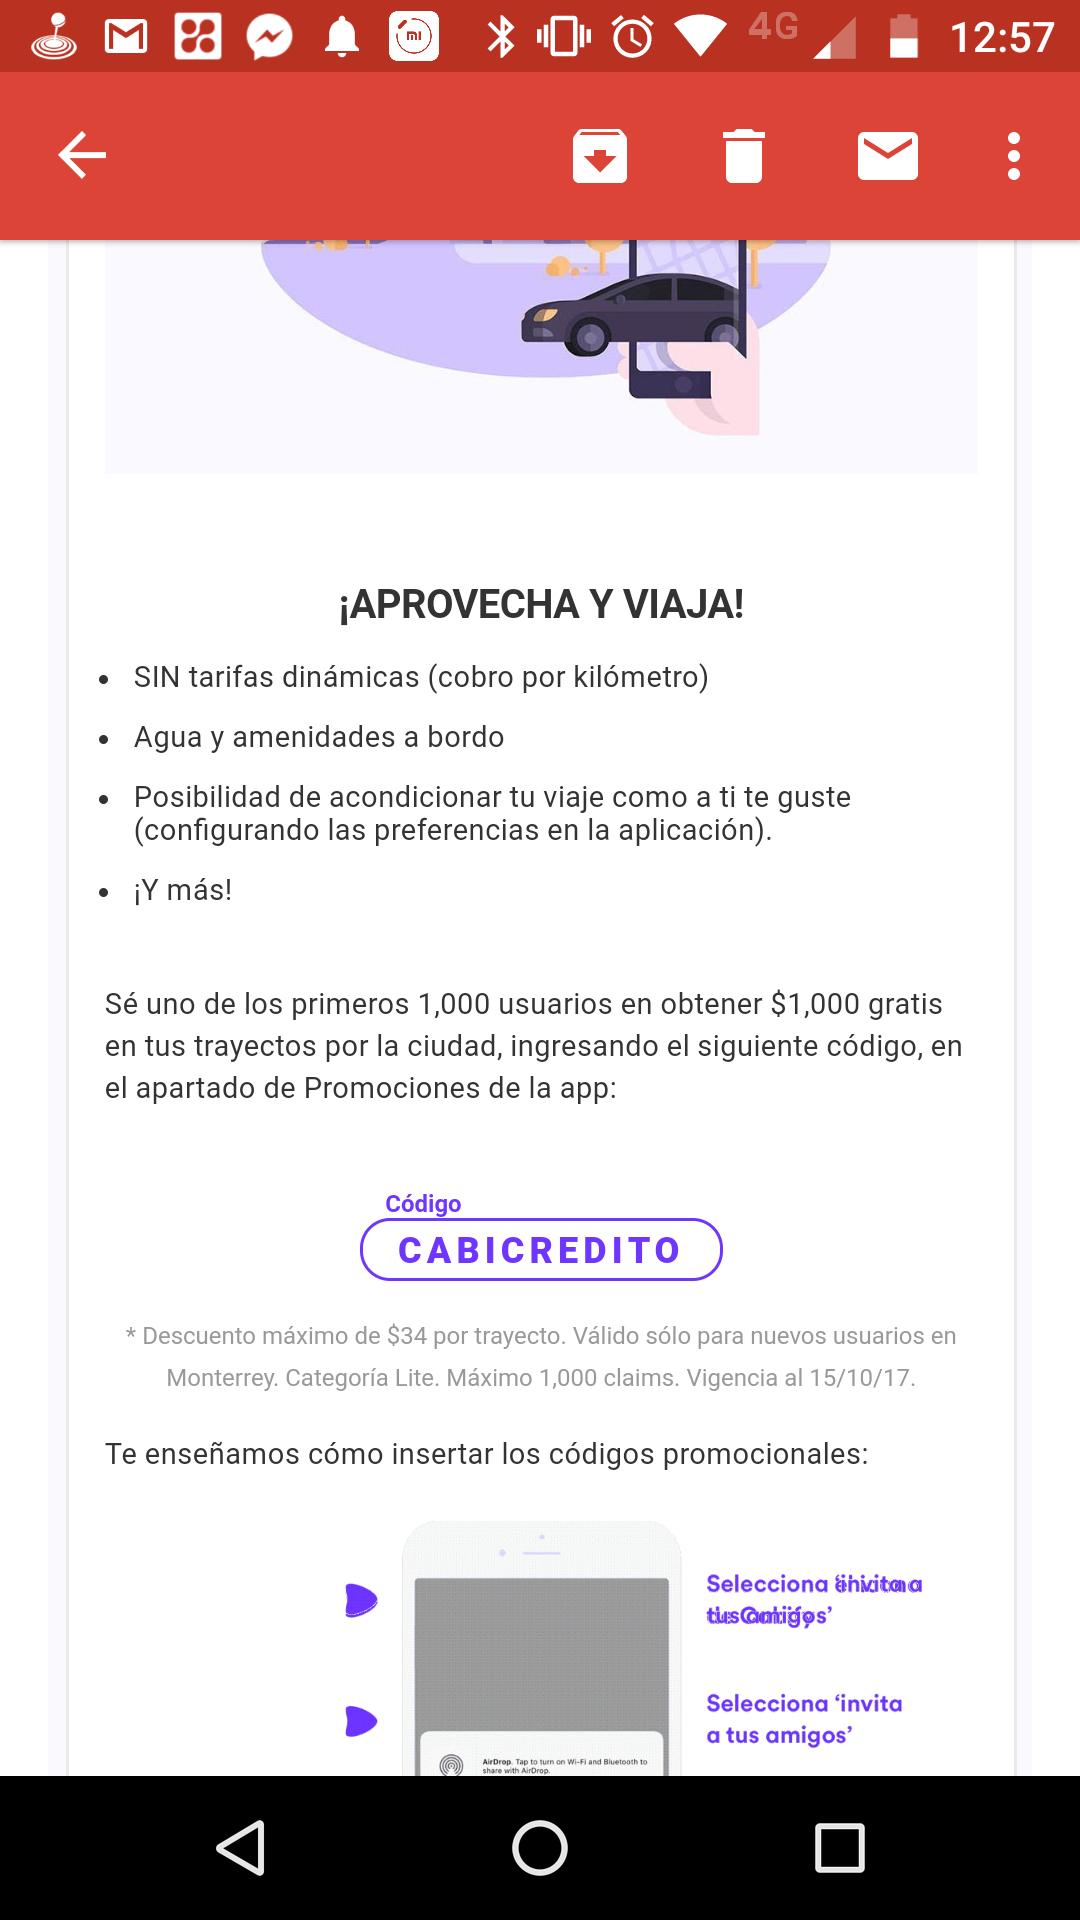 Cabify MTY: Cupón $1000 a primeros 1000 usuarios en redimir